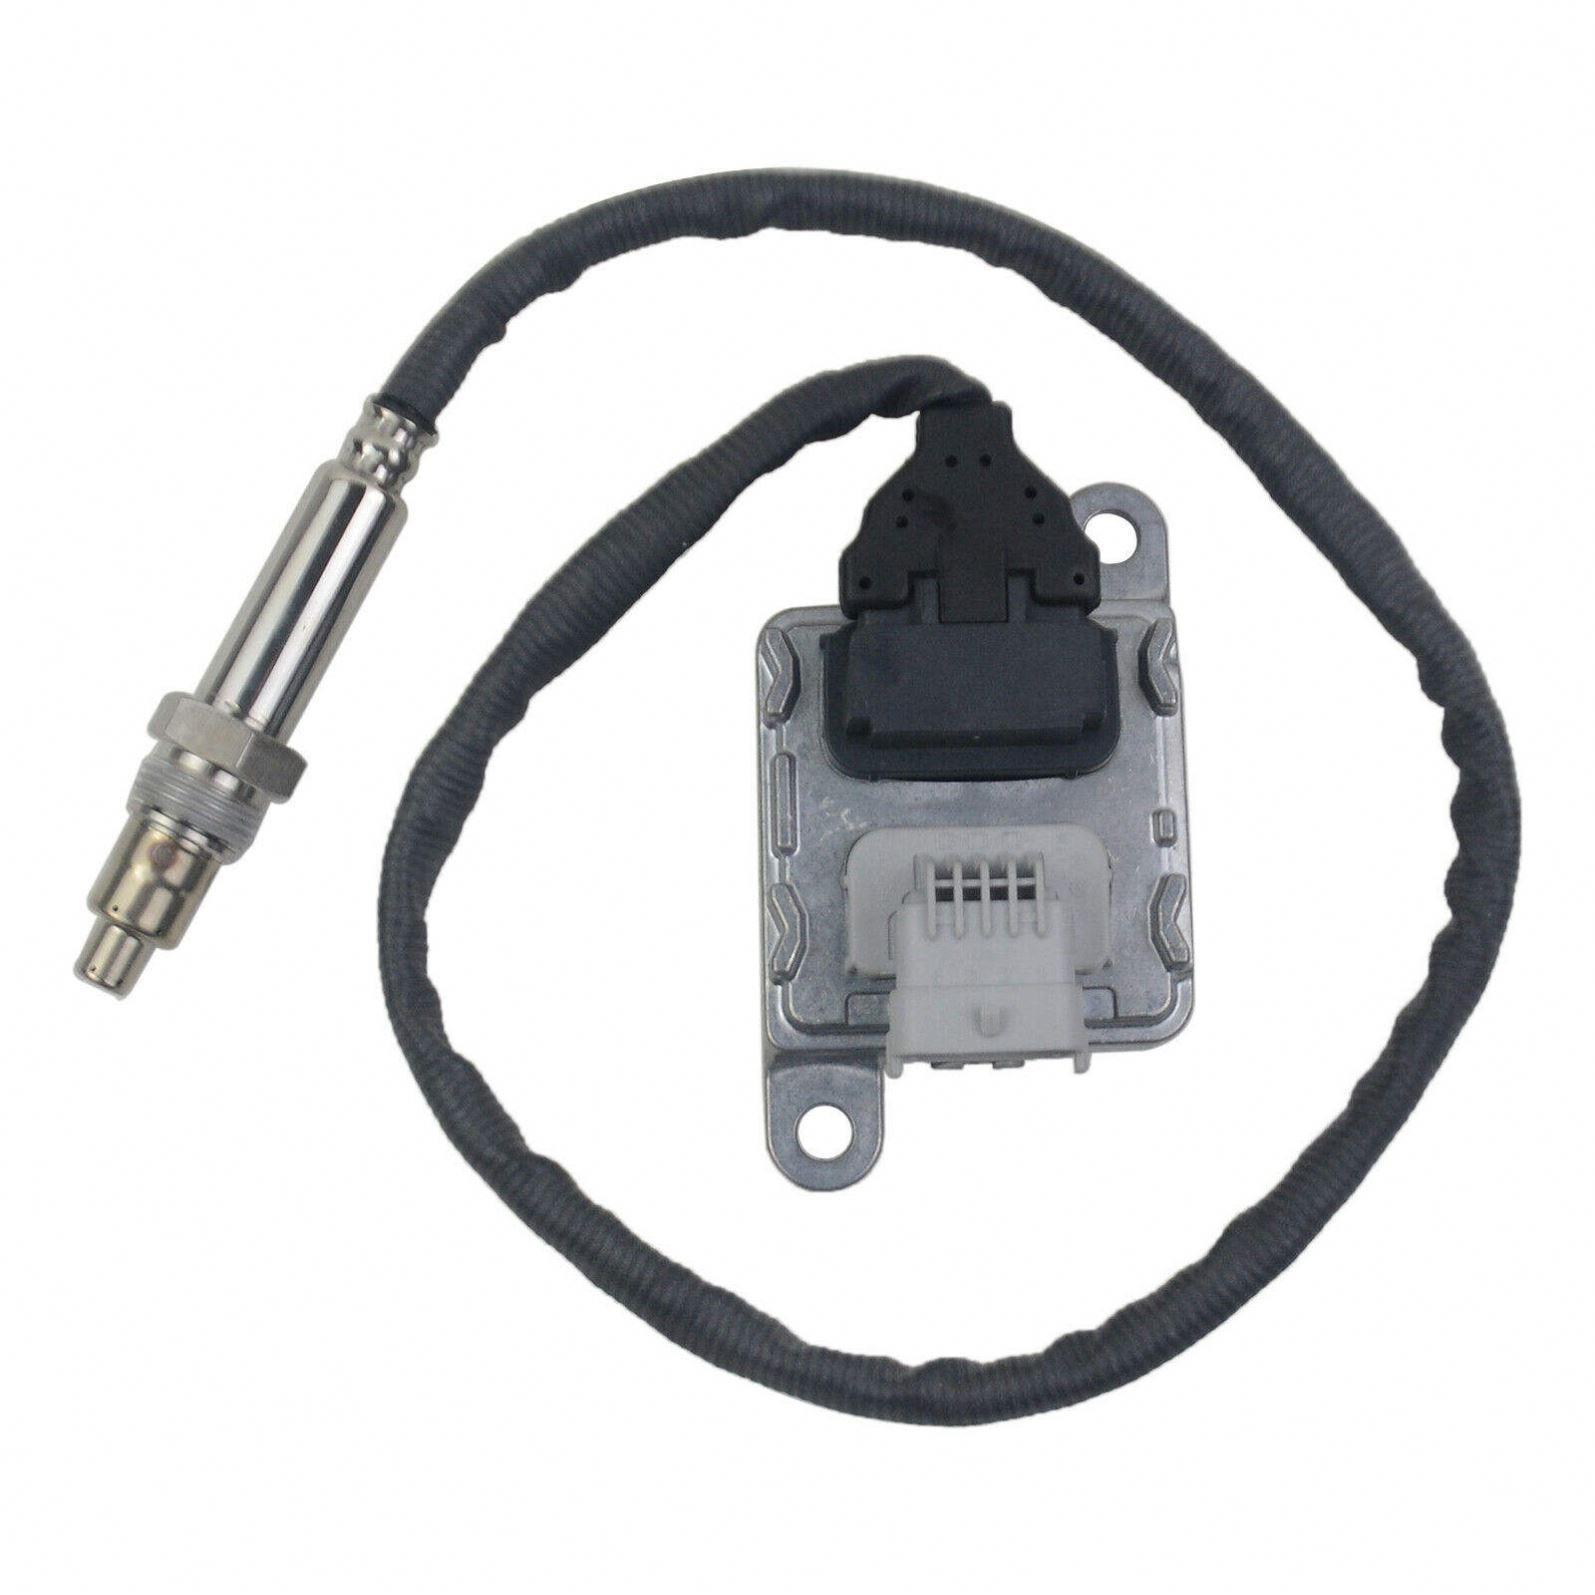 Nox sensor FOR DEUTZ OE NO. 04214582  F835970020021  A2C99512900-01 5WK97422